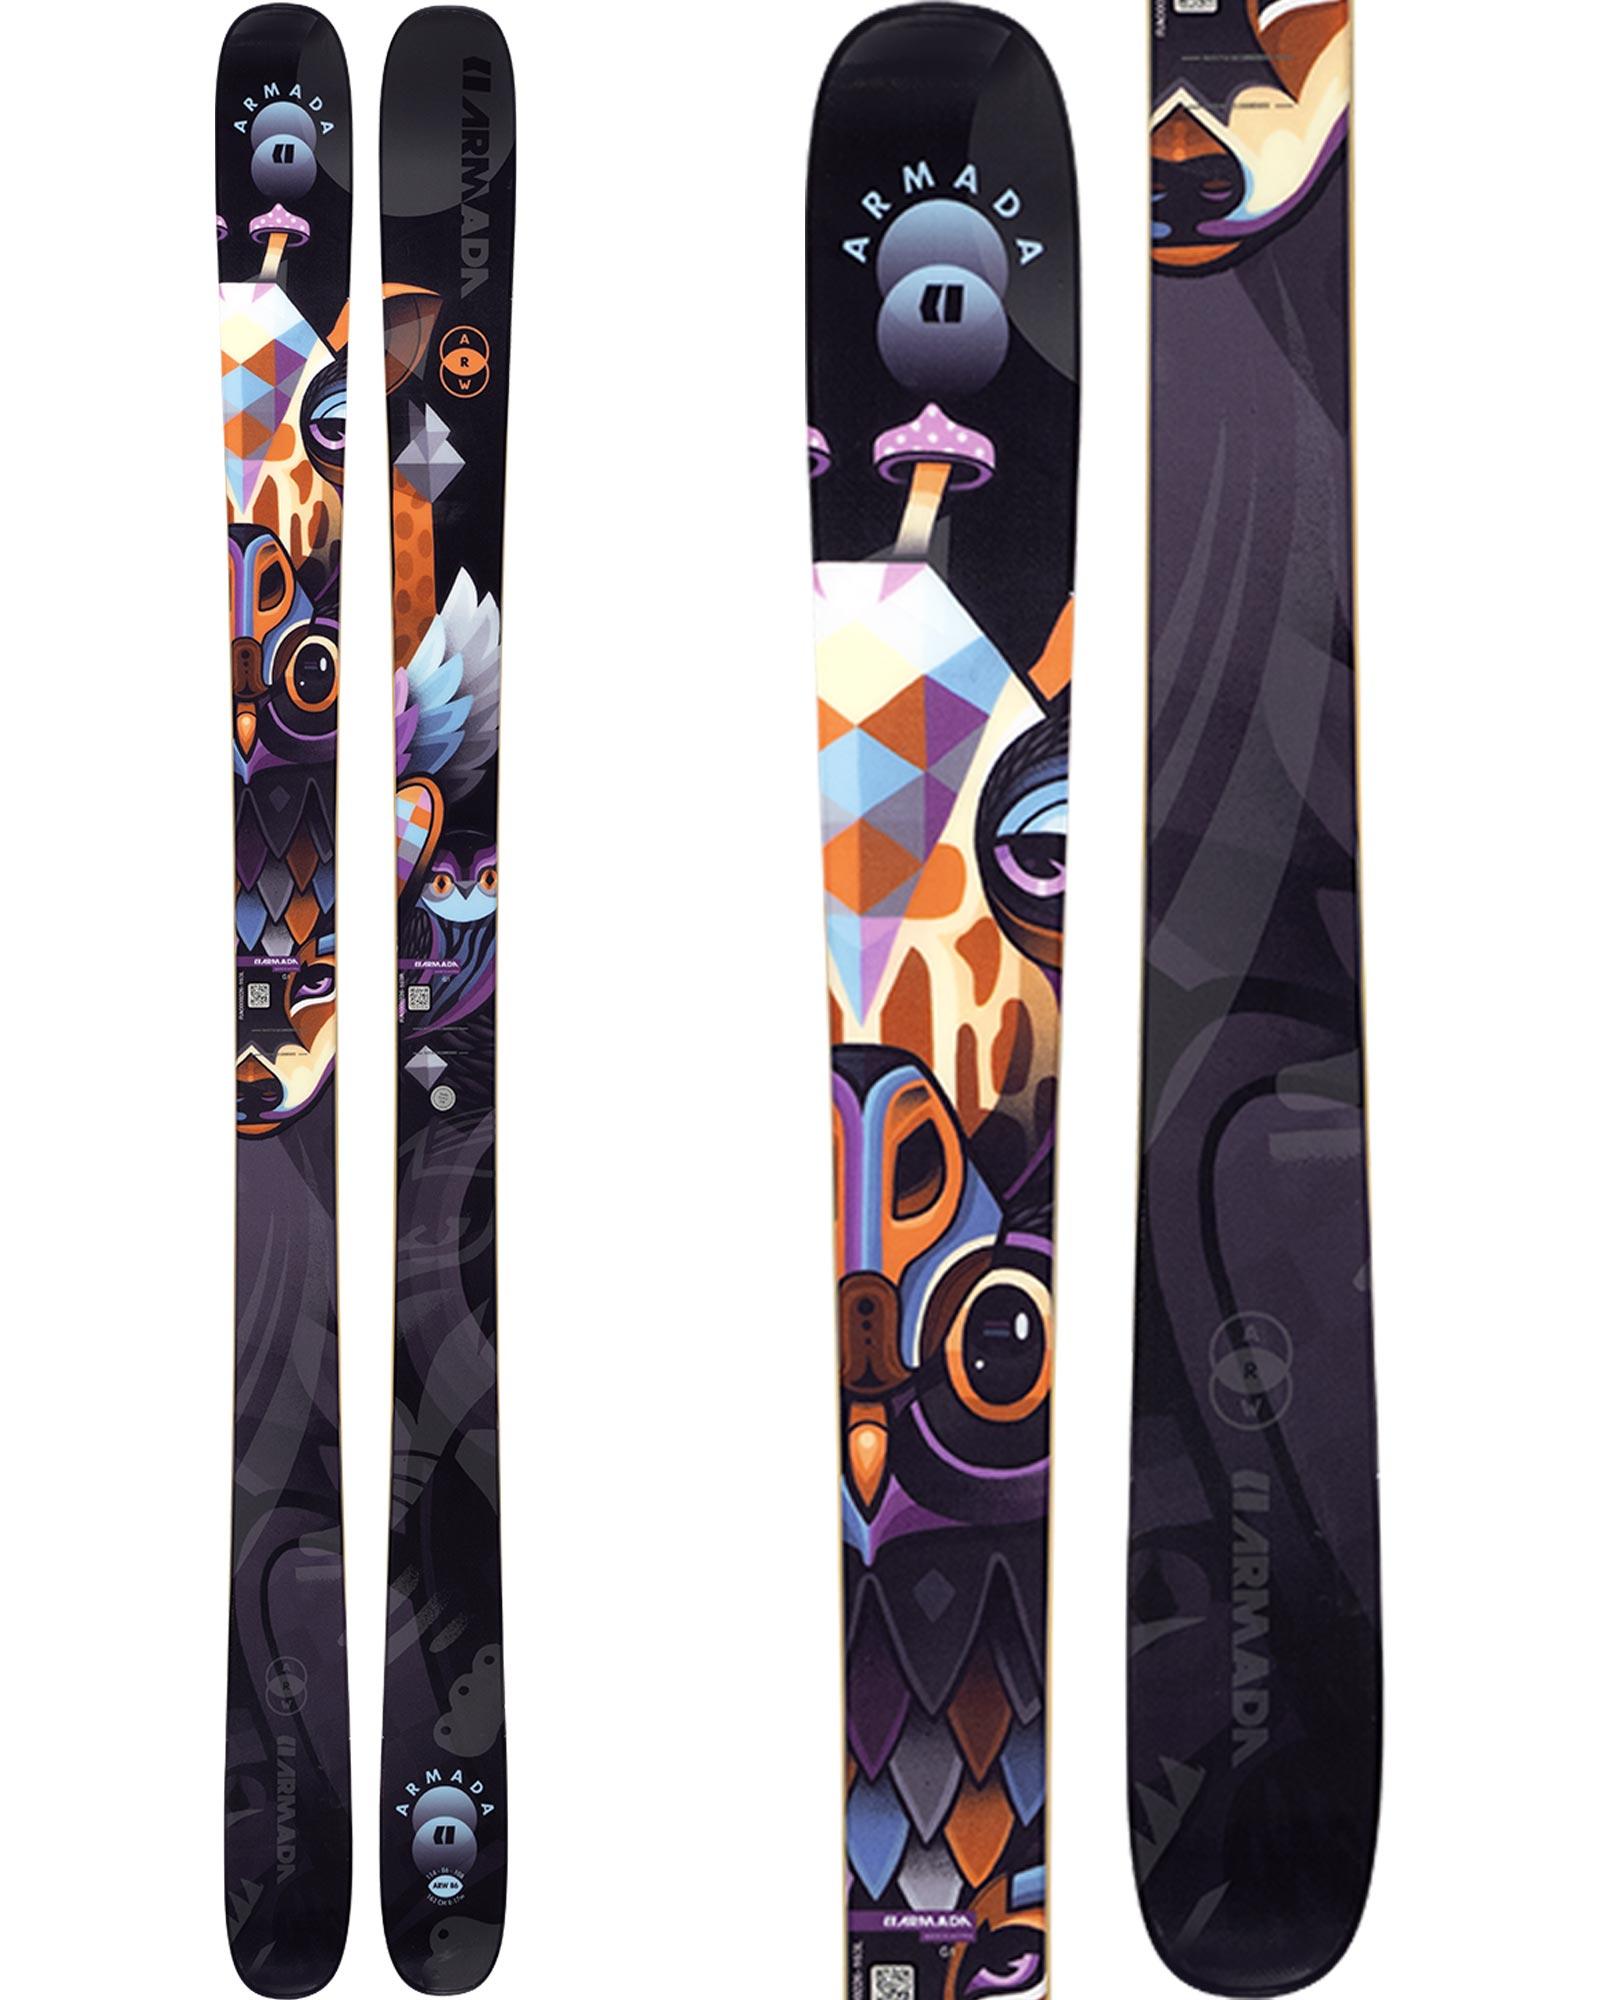 Armada Women's ARW 86 Freestyle Skis 2020 / 2021 0